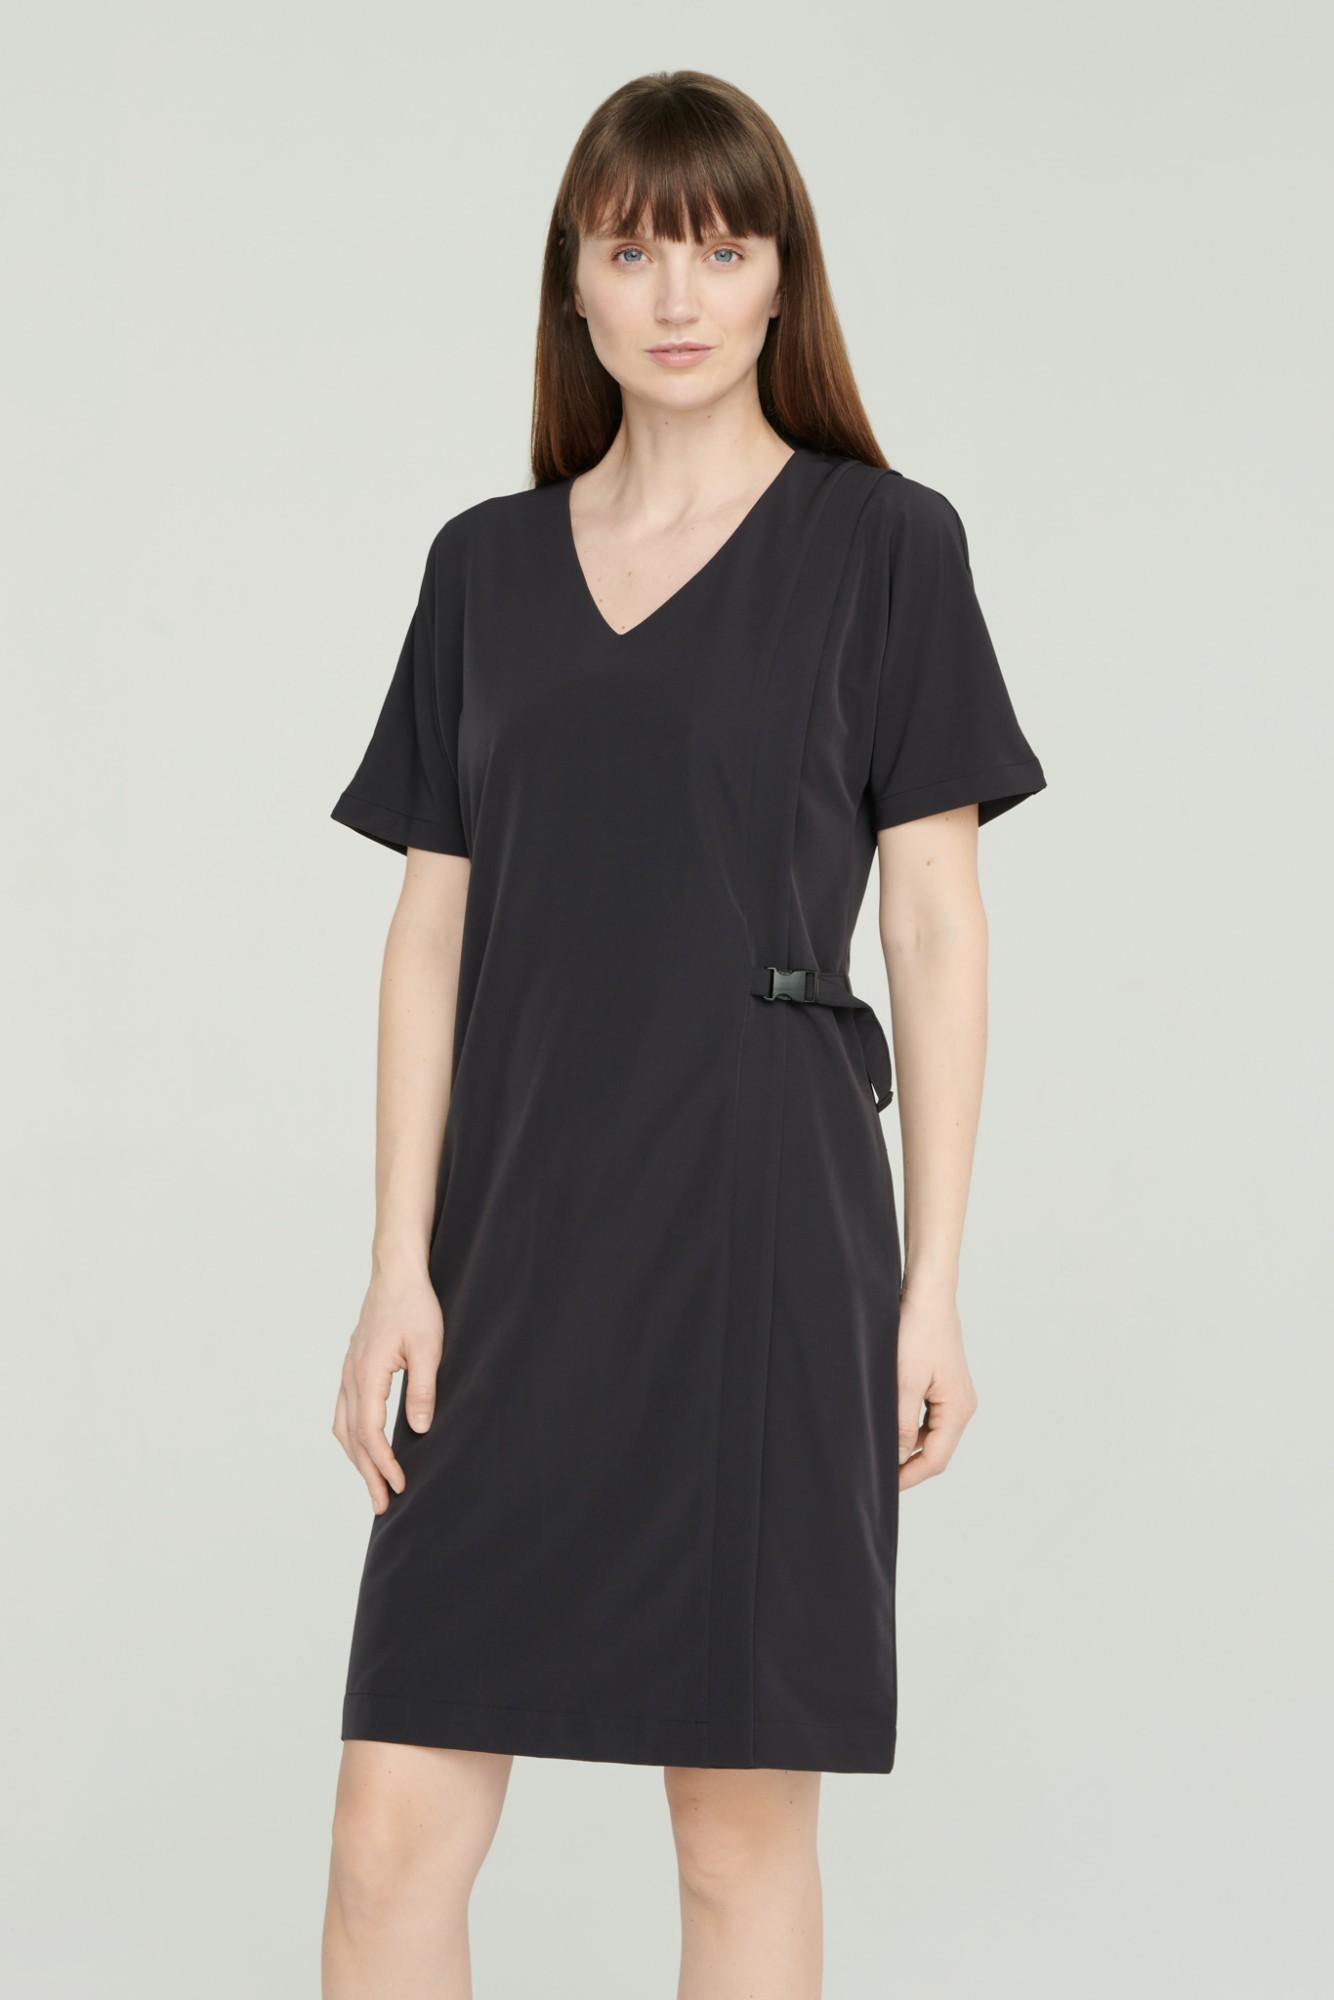 AUDIMAS Lengva tampraus audinio suknelė 2111-240 Black L